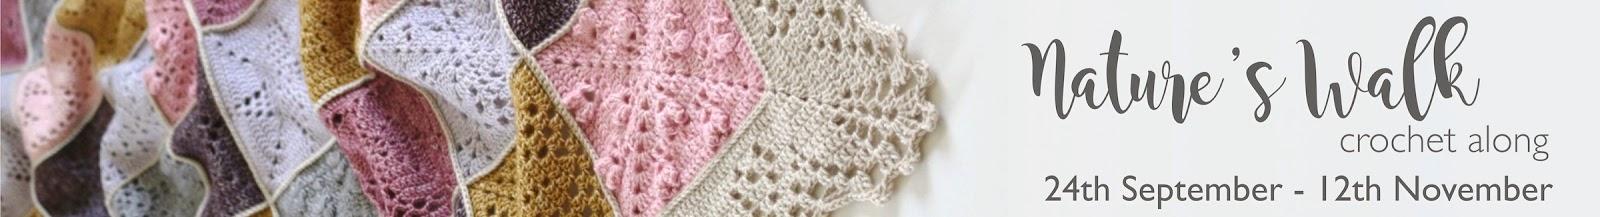 Nature's Walk Crochet Along